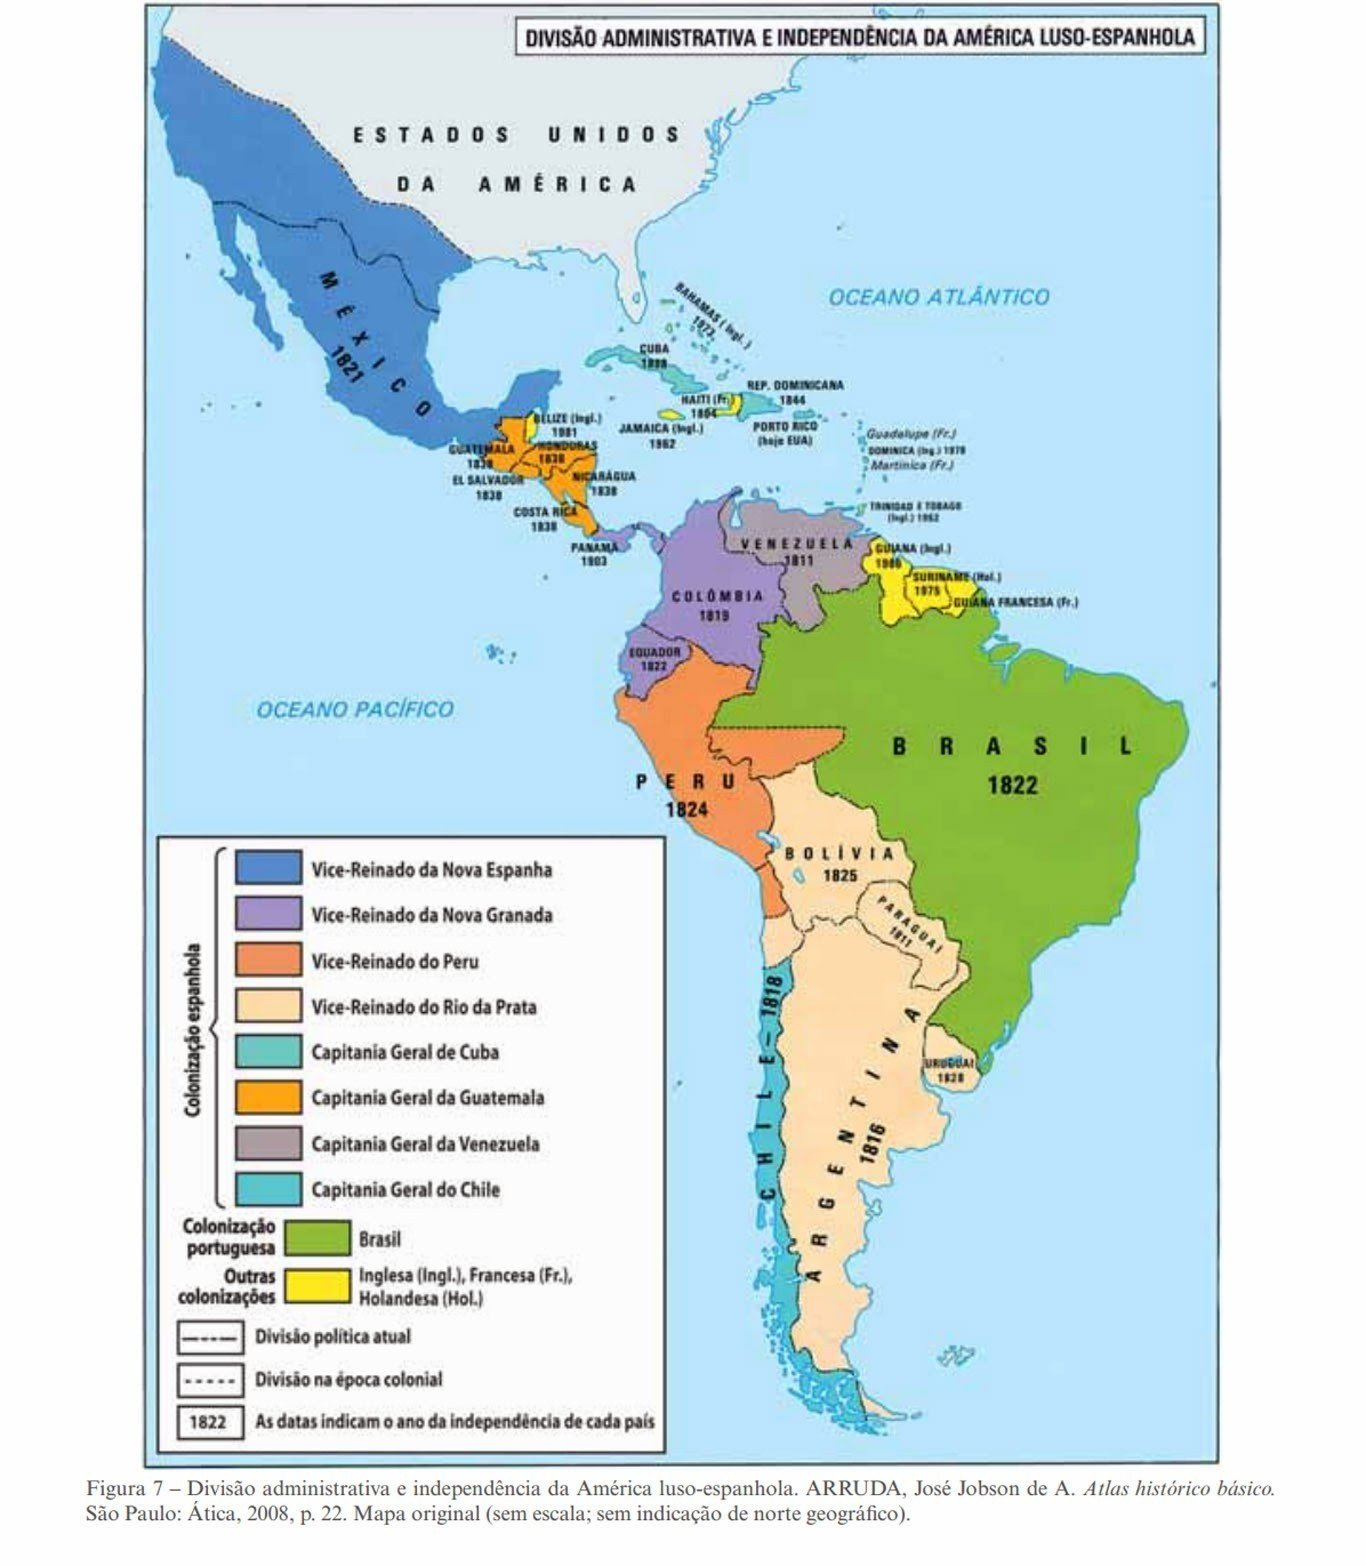 Fonte: http://aprender-a-geografia.blogspot.com.br/2014/02/vantagens-comparativas-da-espanha-e-de.html